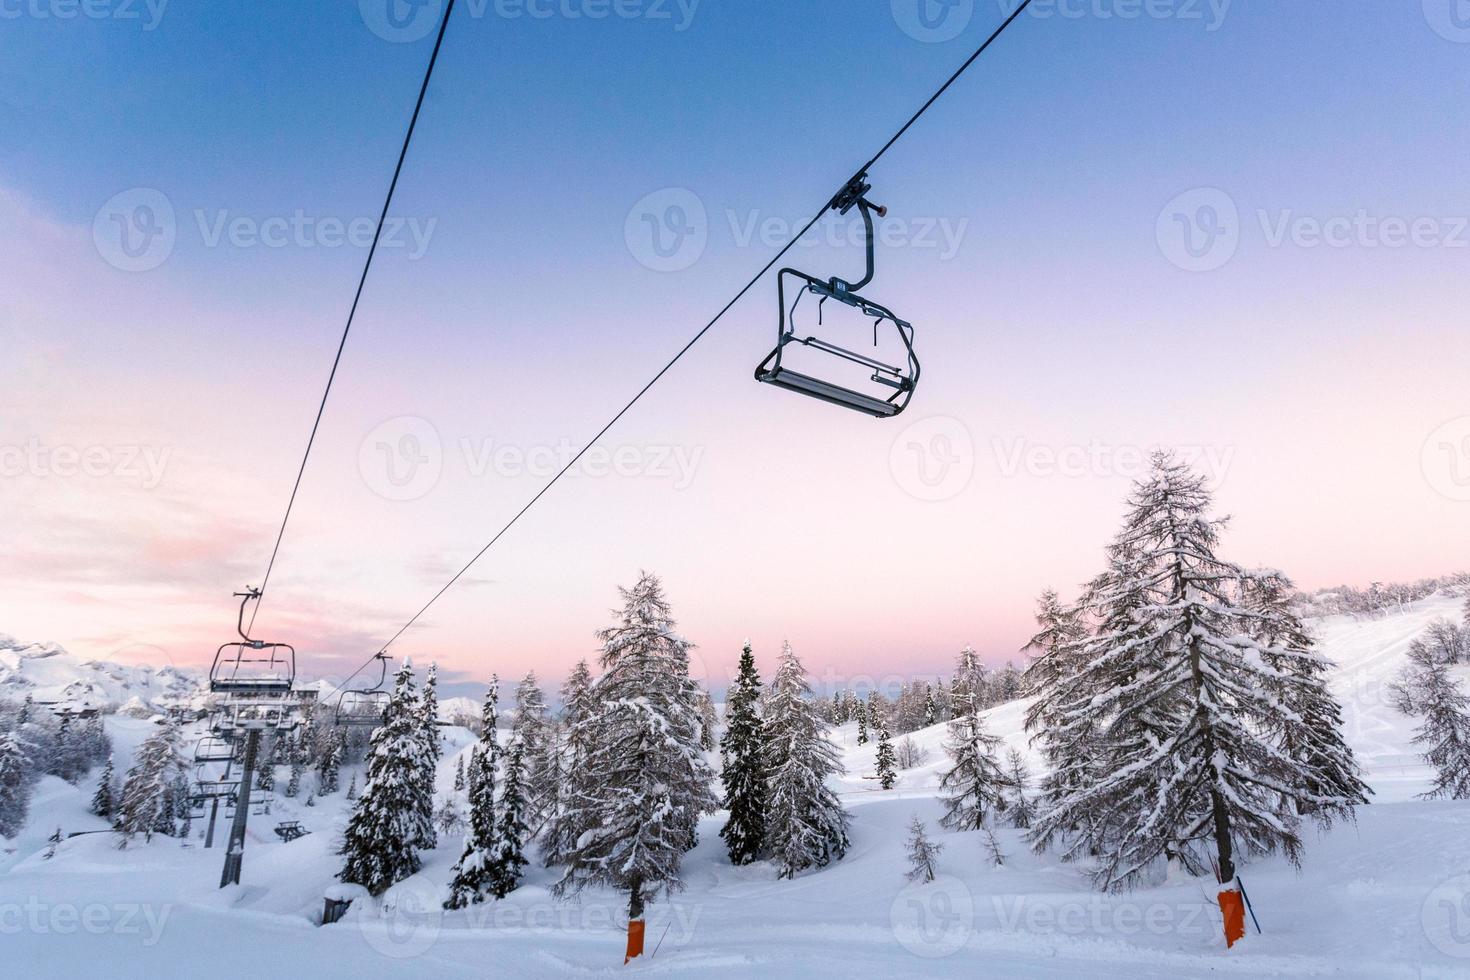 skicentrum van vogel-slovenië foto